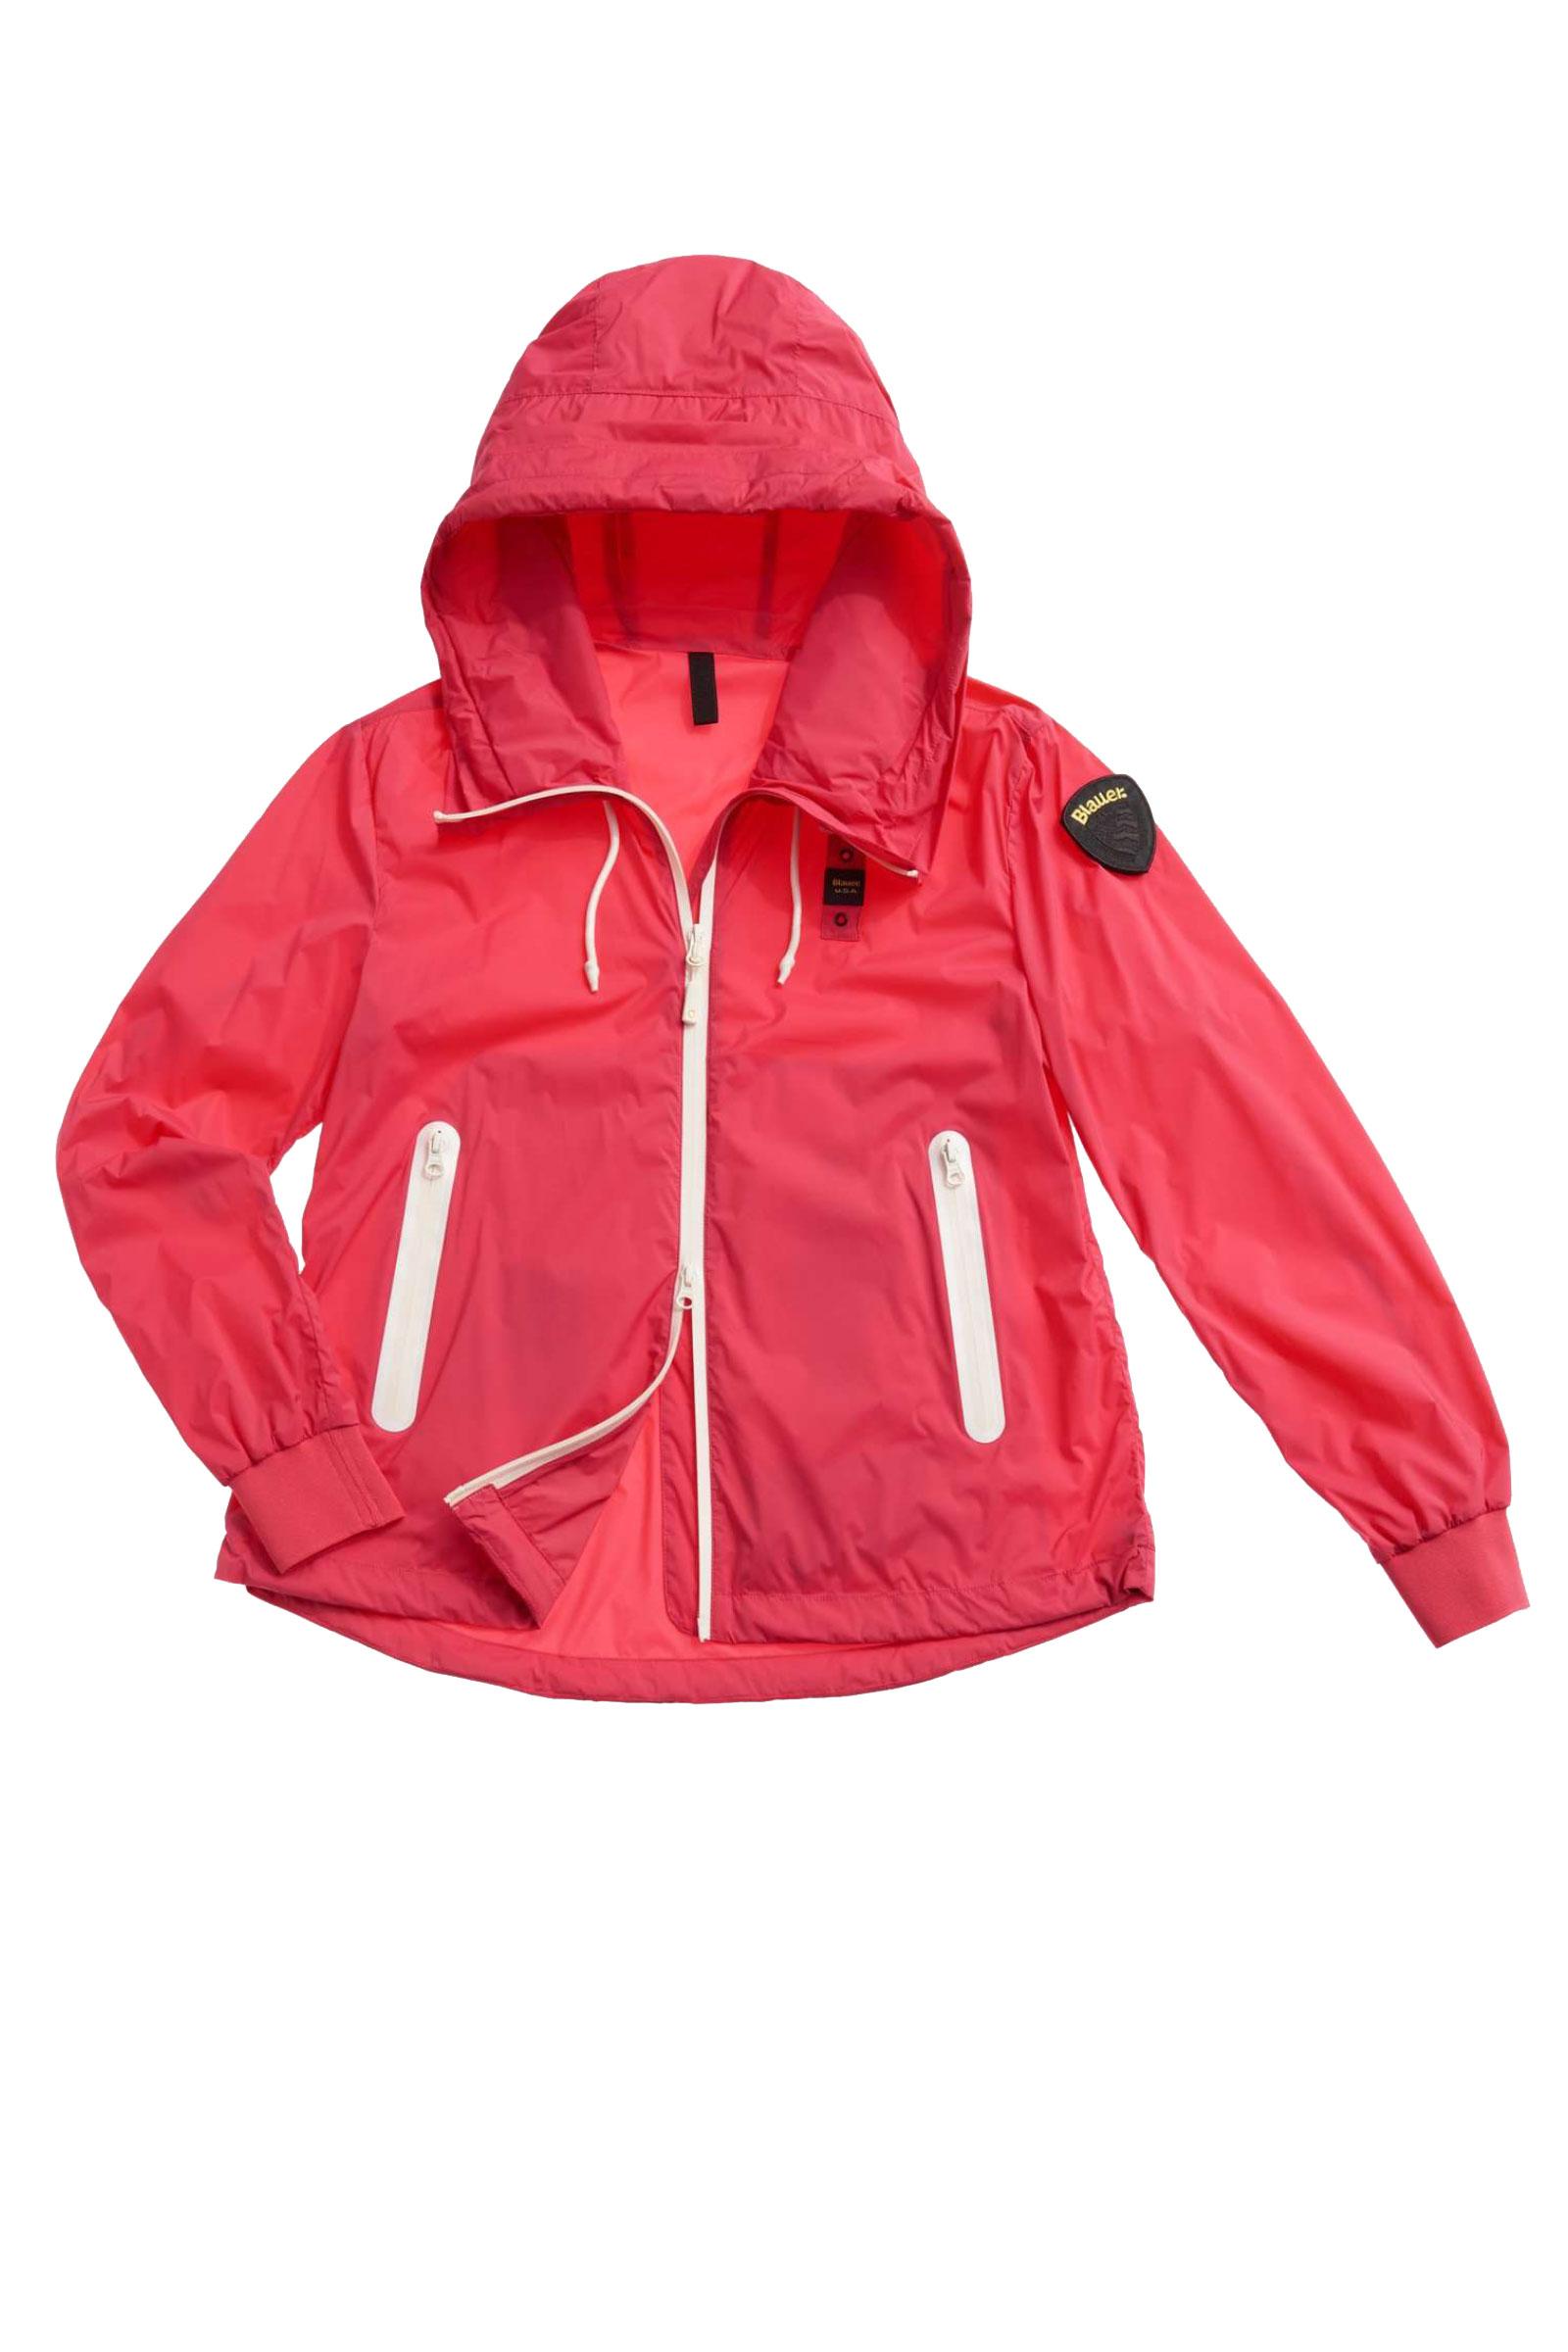 BLAUER Jacket Woman BLAUER | Jacket | 21SBLDC04160534